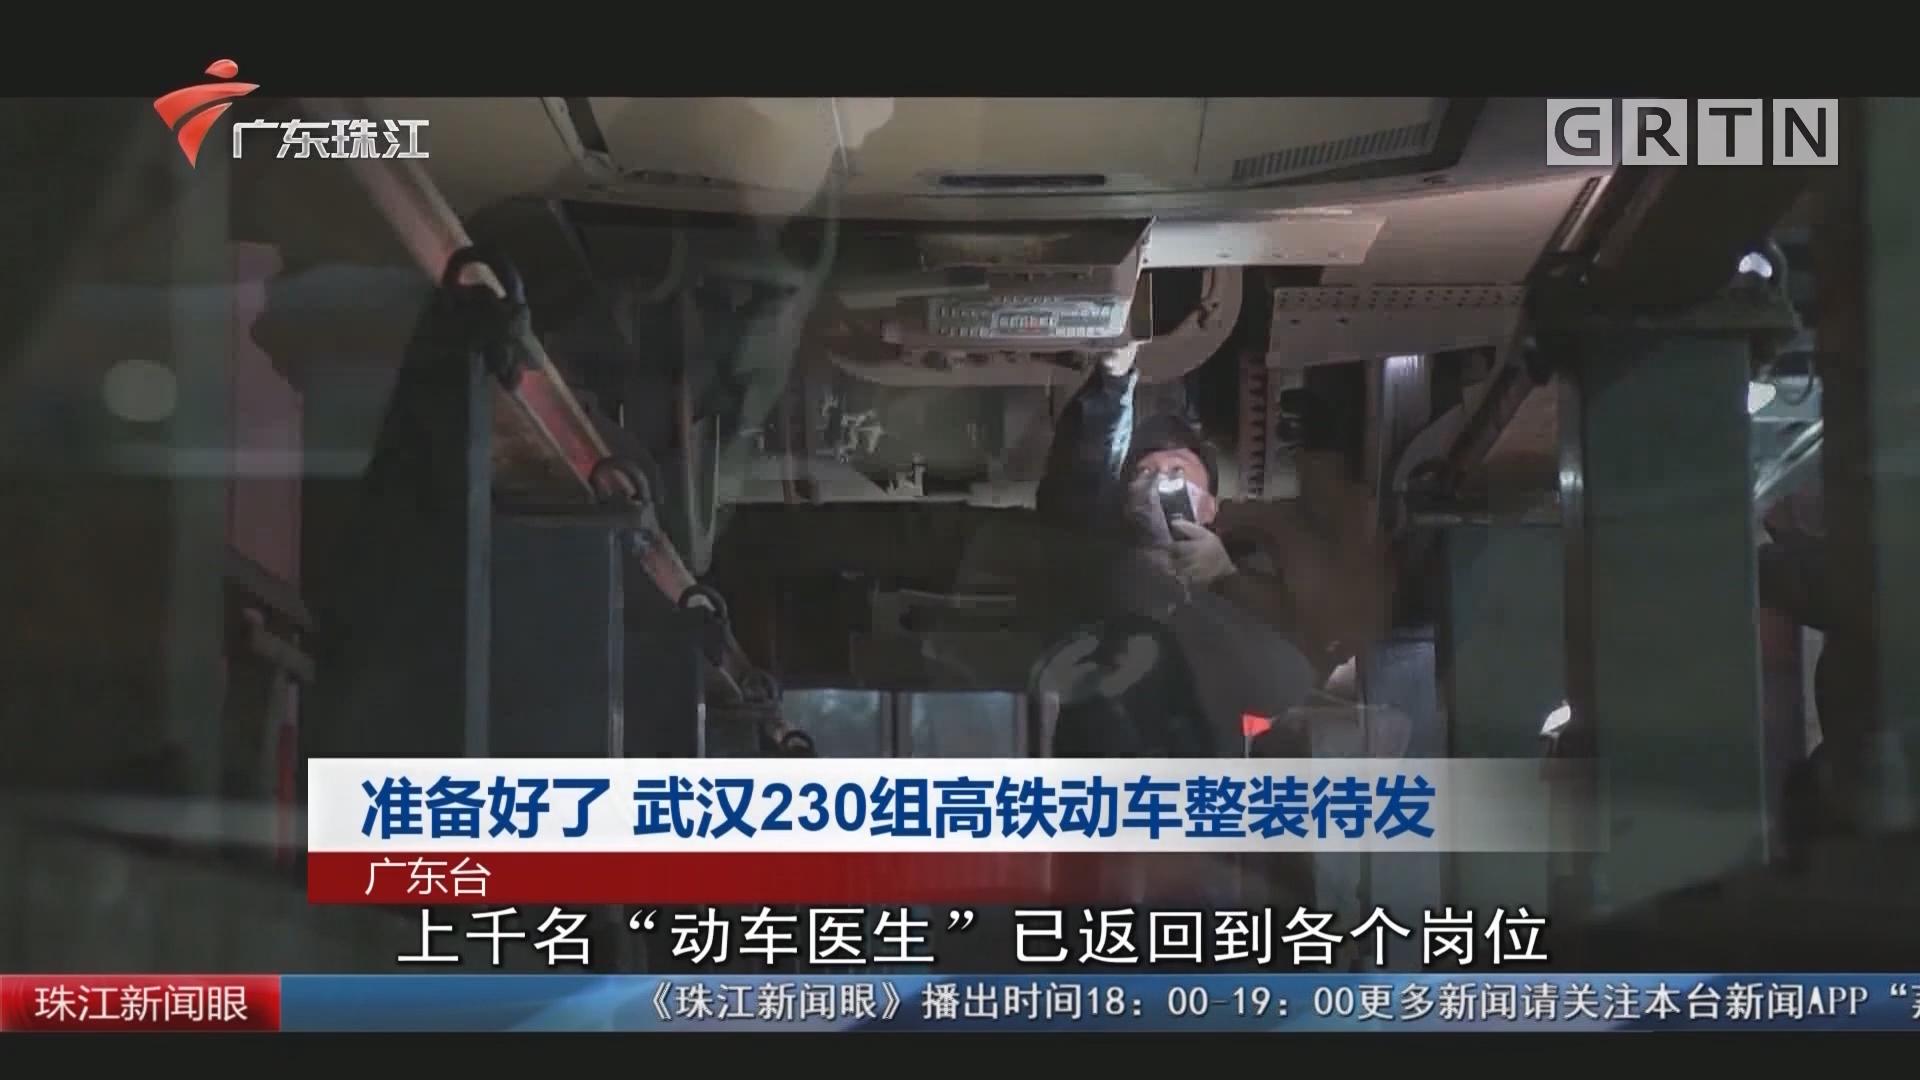 准备好了 武汉230组高铁动车整装待发